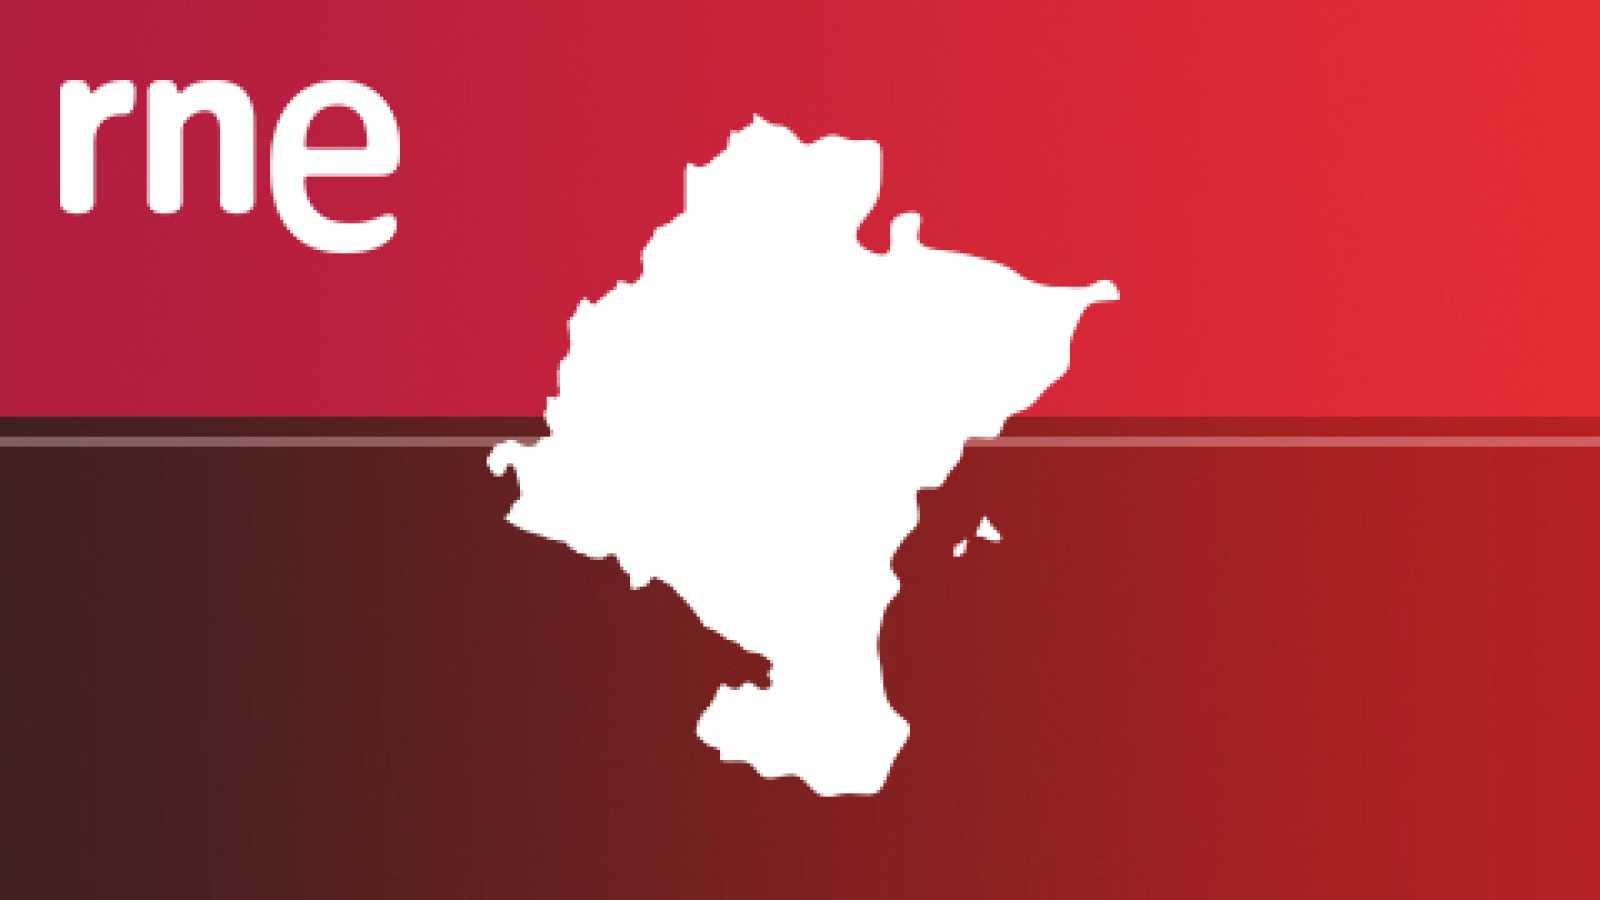 Crónica Navarra - Los partidos analizan las posibles alianzas que permitan gobernar las instituciones navarras tras las elecciones del Domingo pasado - 28/05/19